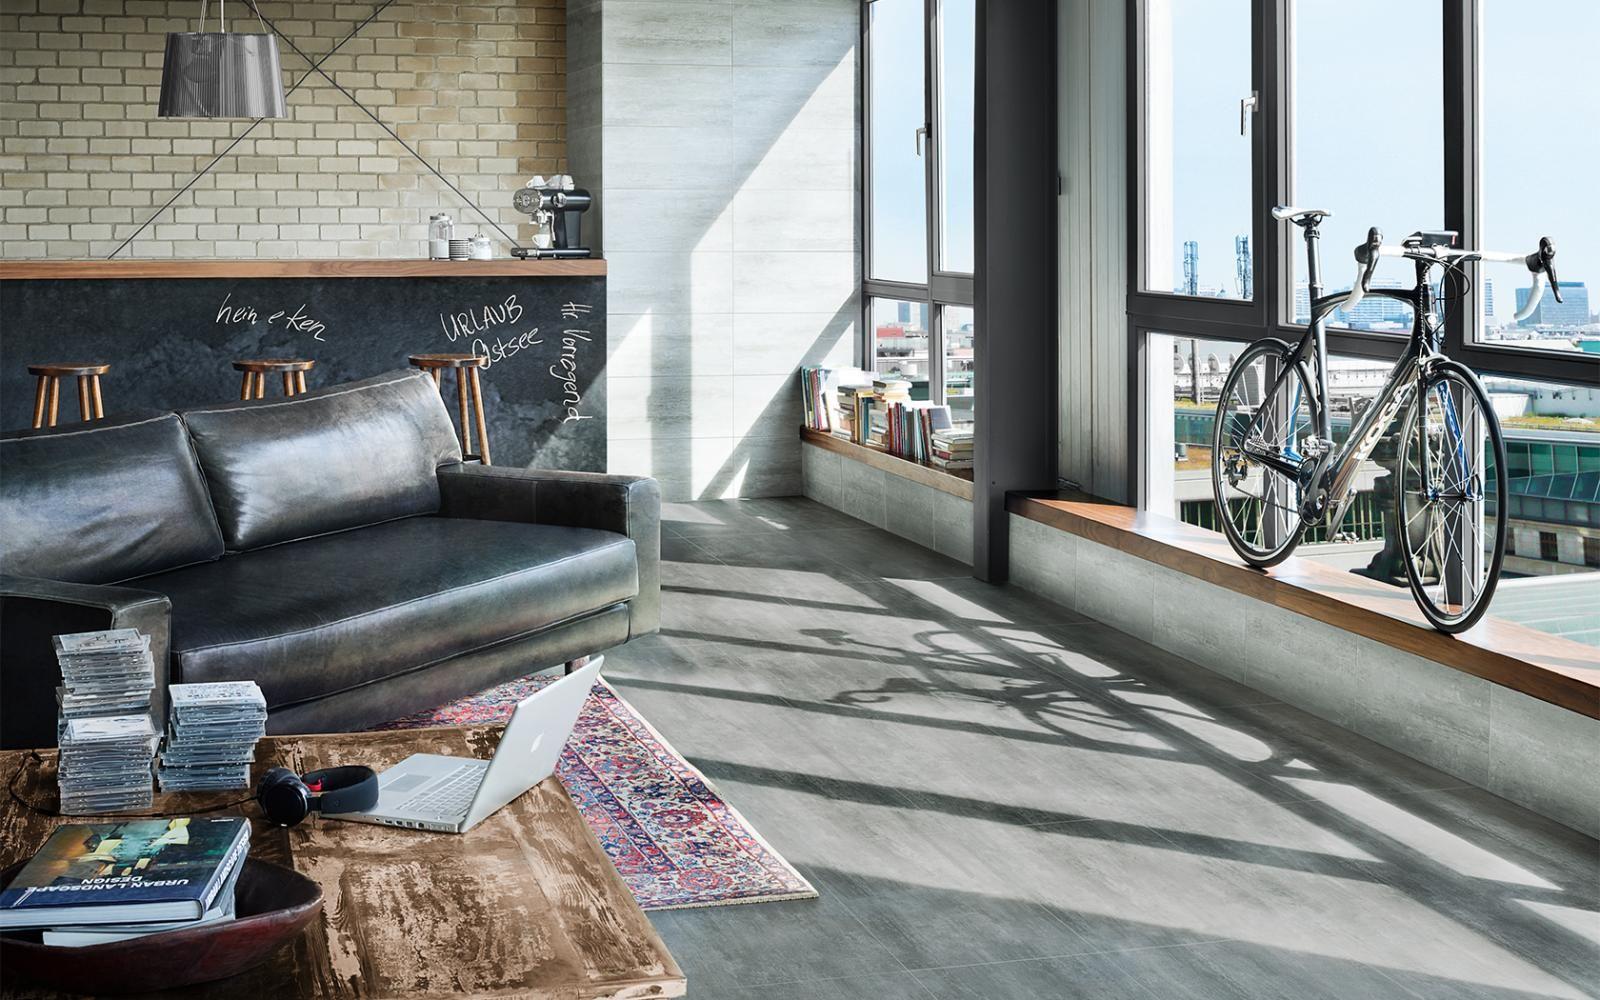 Grohn Fliesen Vincent Tiles Wohnzimmer Newyorkstyle Living Ambiente Interieur Die Serie Schafft Atmosphre Fr Ein